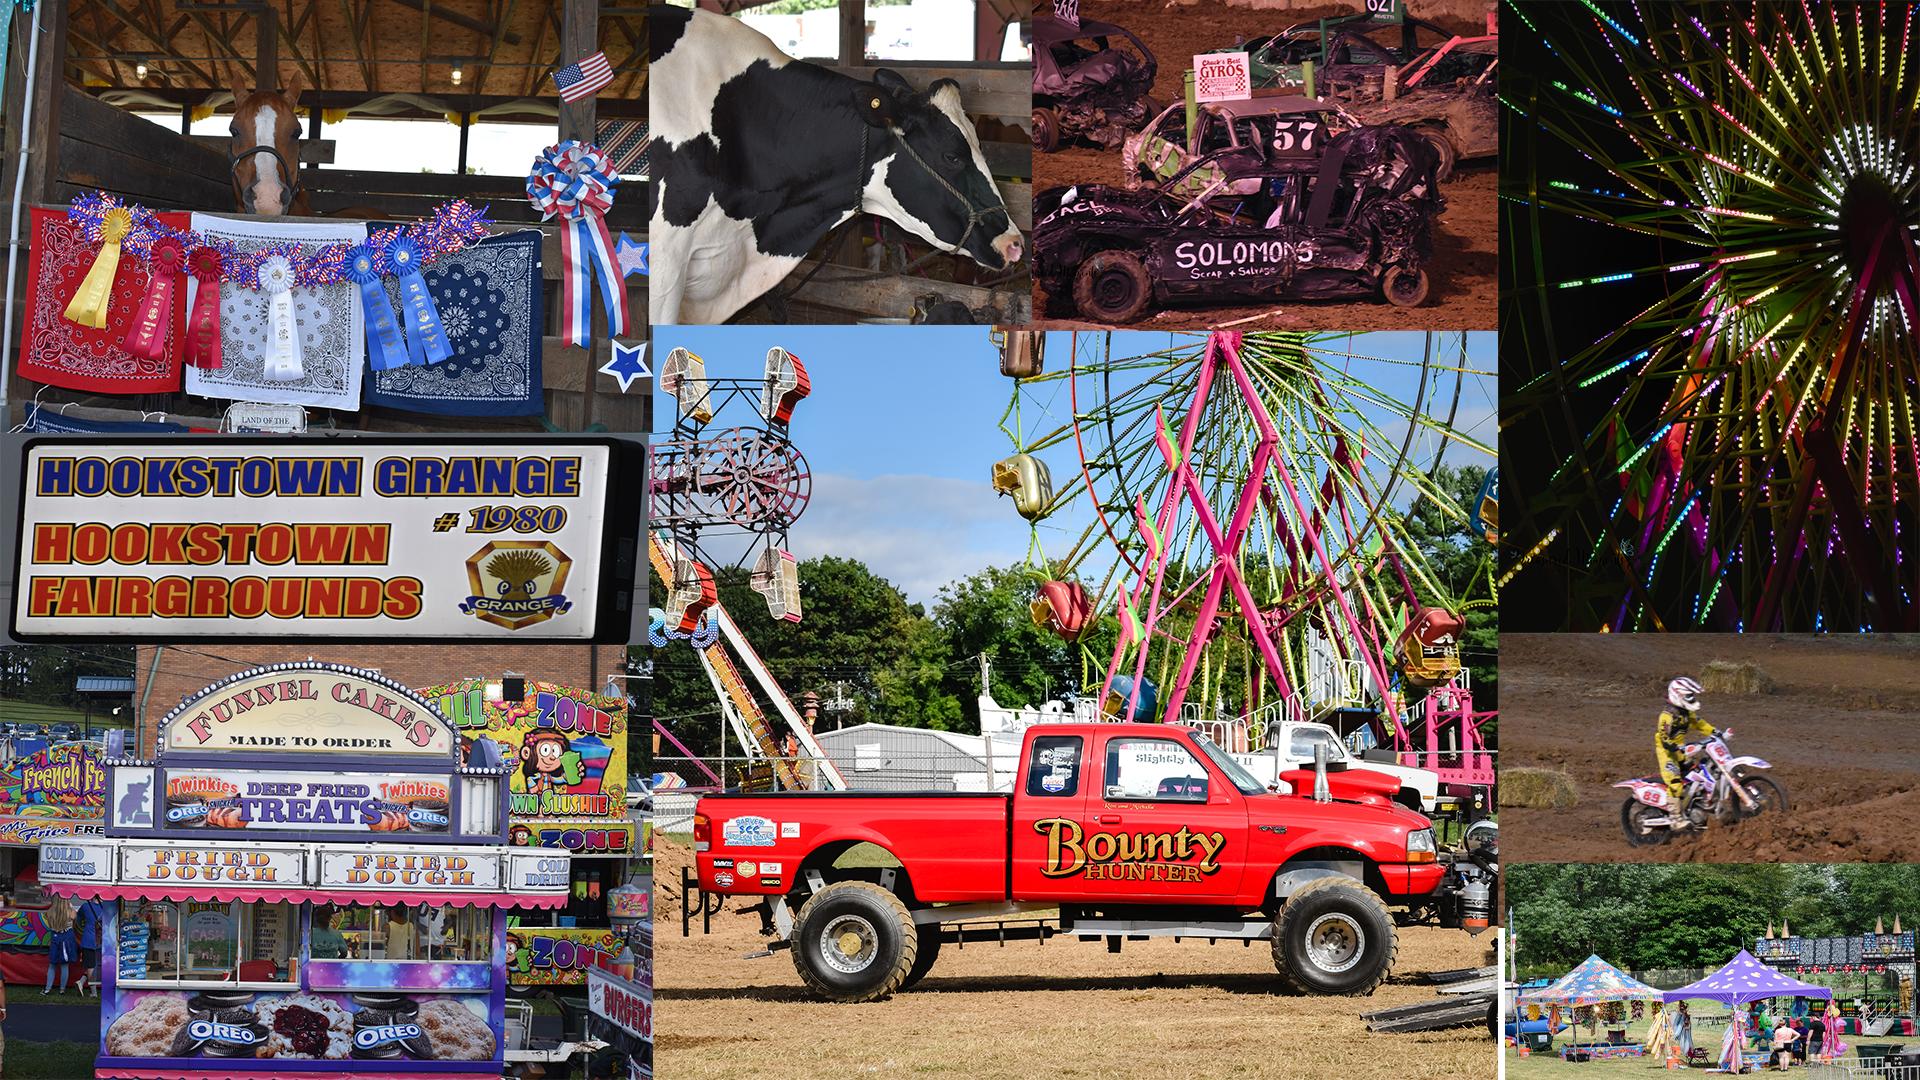 Hookstown Fair